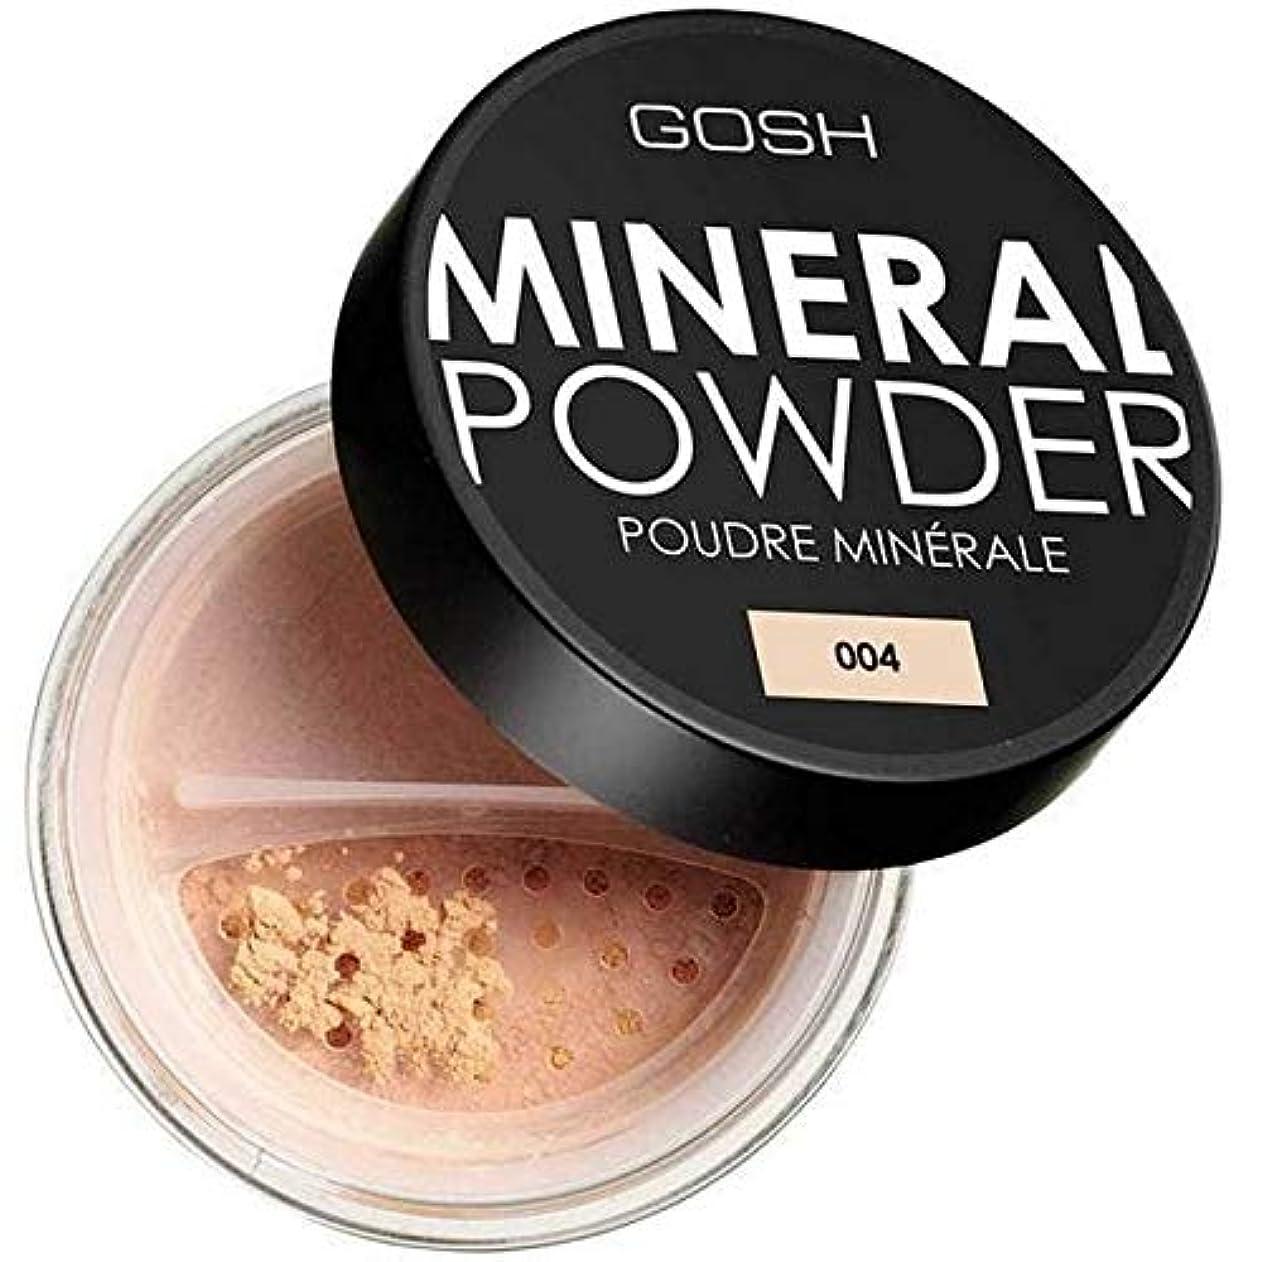 ハッピー食べる適応する[GOSH ] おやっミネラルフルカバーファンデーションパウダーナチュラル004 - Gosh Mineral Full Coverage Foundation Powder Natural 004 [並行輸入品]